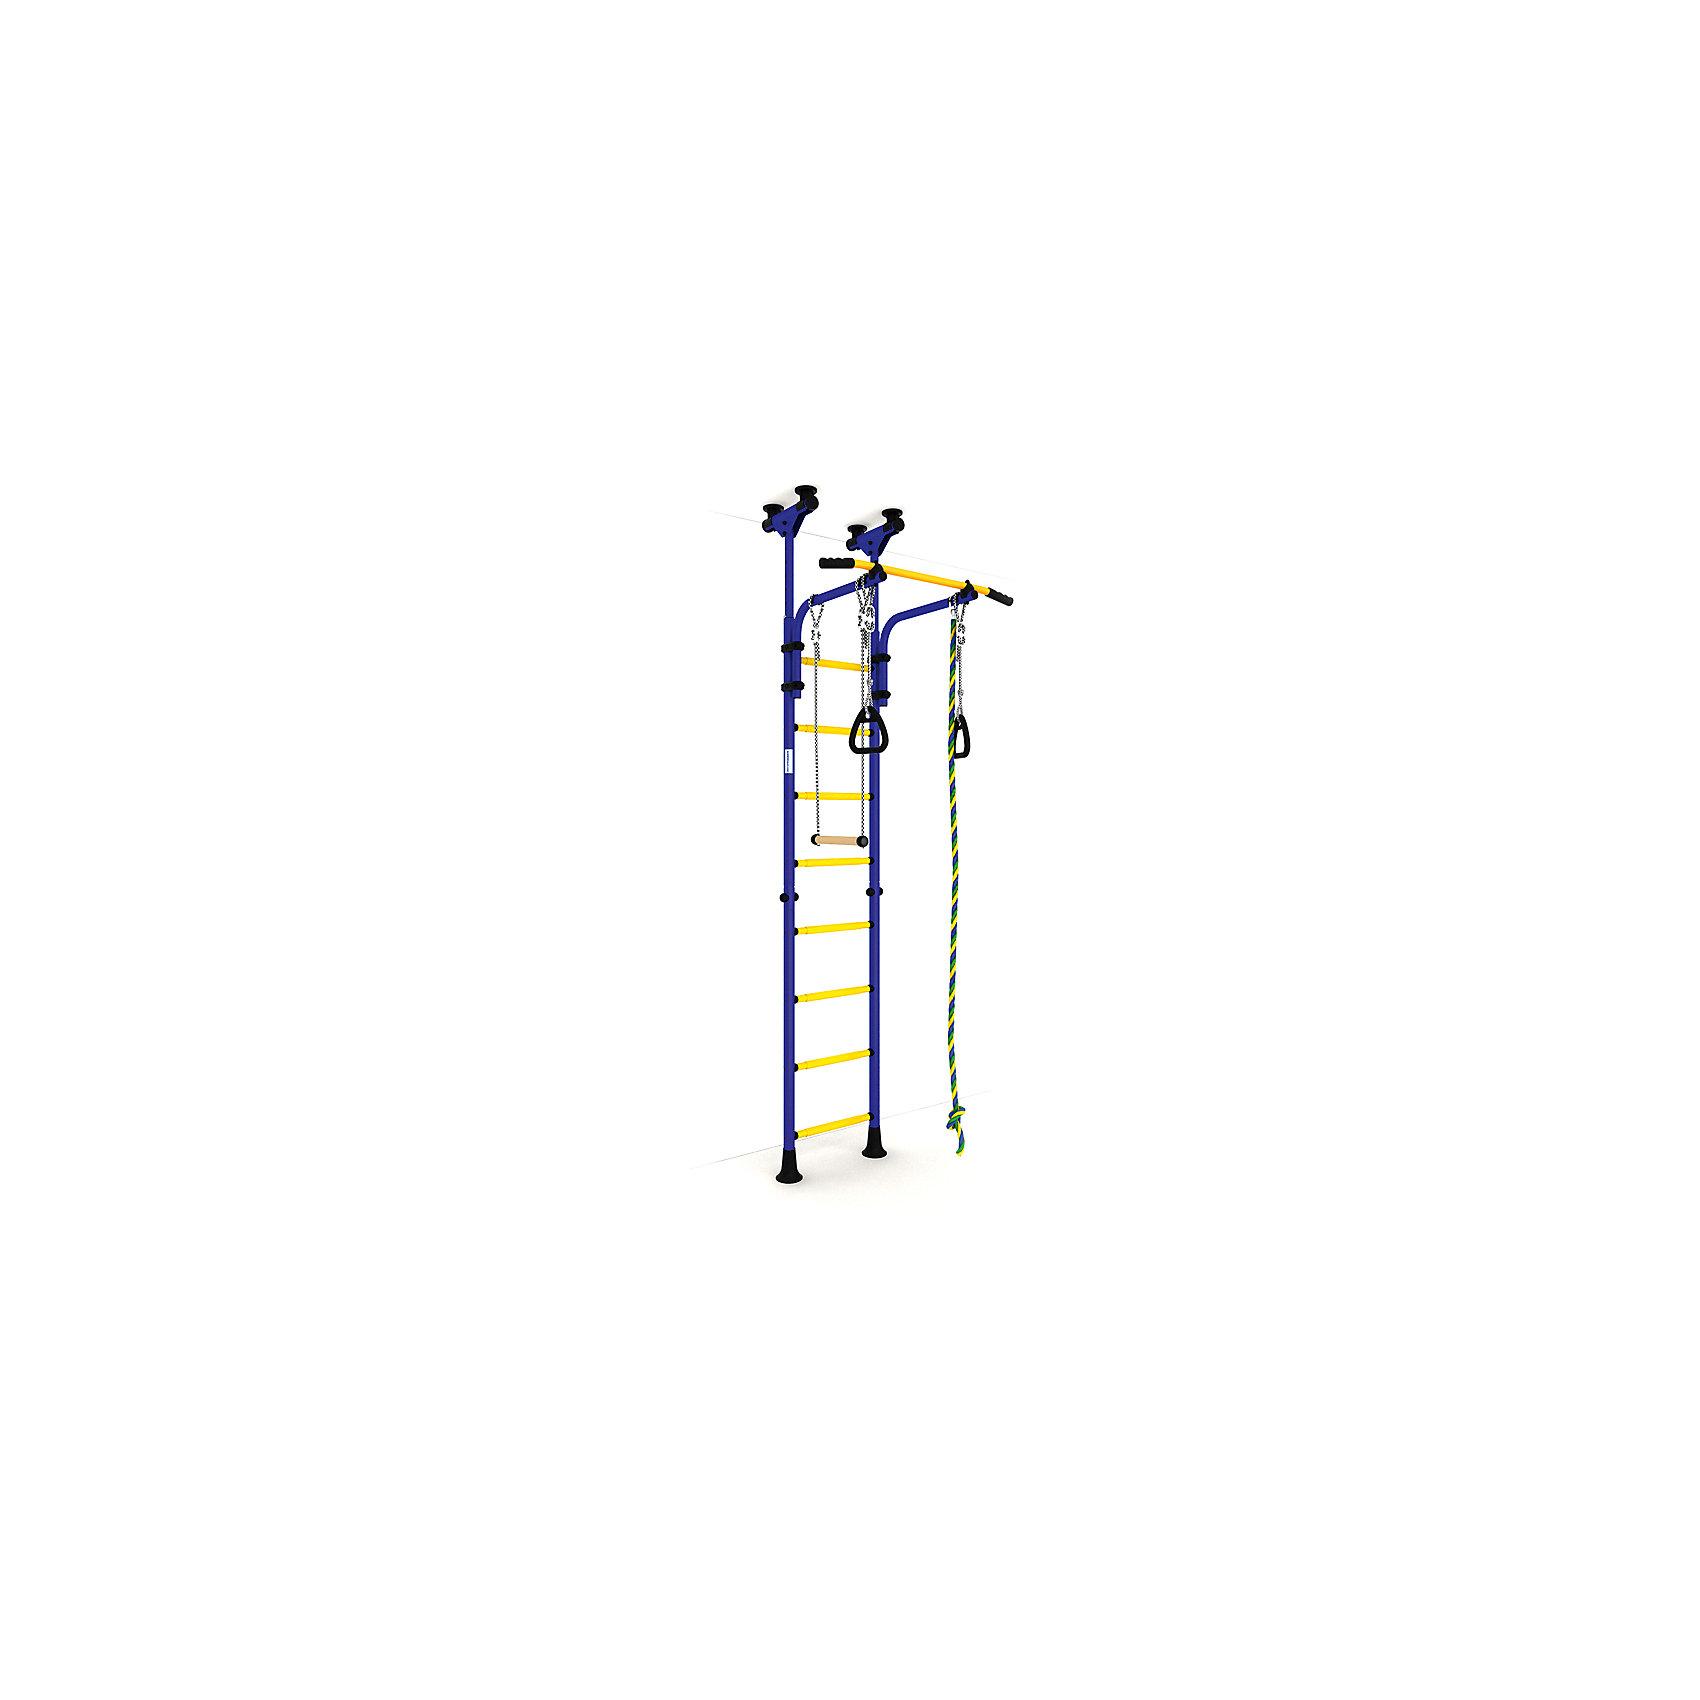 Шведская стенка Комета-5, ROMANA, синий-желтыйШведские стенки<br>Комета-5 , ROMANA, синий-желтый.<br><br>Характеристики:<br><br>• Высота: 2,315 м<br>• Цвет: синий, желтый<br>• Допустимый вес: 100 кг<br>• Габариты: 231,5x74x86<br>• Материал: металл<br>• Возраст: от 3 лет<br>• Вес комплекса: 28 кг<br><br>Детский спортивный комплекс Комета-5 – поможет ребенку вырасти здоровым и крепким. Комплекс включает в себя турник, шведскую стенку, канат, трапецию и гимнастические кольца. Это все способствует развитию всех групп мышц. Выполнено все из качественного и прочного металла. Стенку легко установить враспор между потолком и полом, и не нужно сверлить стену. Турник регулируется по высоте. Перекладины с анти-скользящим покрытием, ступени не охлаждаются и имеют массажное покрытие.<br><br>Комета-5 , ROMANA, синий-желтый можно купить в нашем интернет-магазине.<br><br>Ширина мм: 1160<br>Глубина мм: 535<br>Высота мм: 140<br>Вес г: 25000<br>Возраст от месяцев: 36<br>Возраст до месяцев: 192<br>Пол: Унисекс<br>Возраст: Детский<br>SKU: 4993366